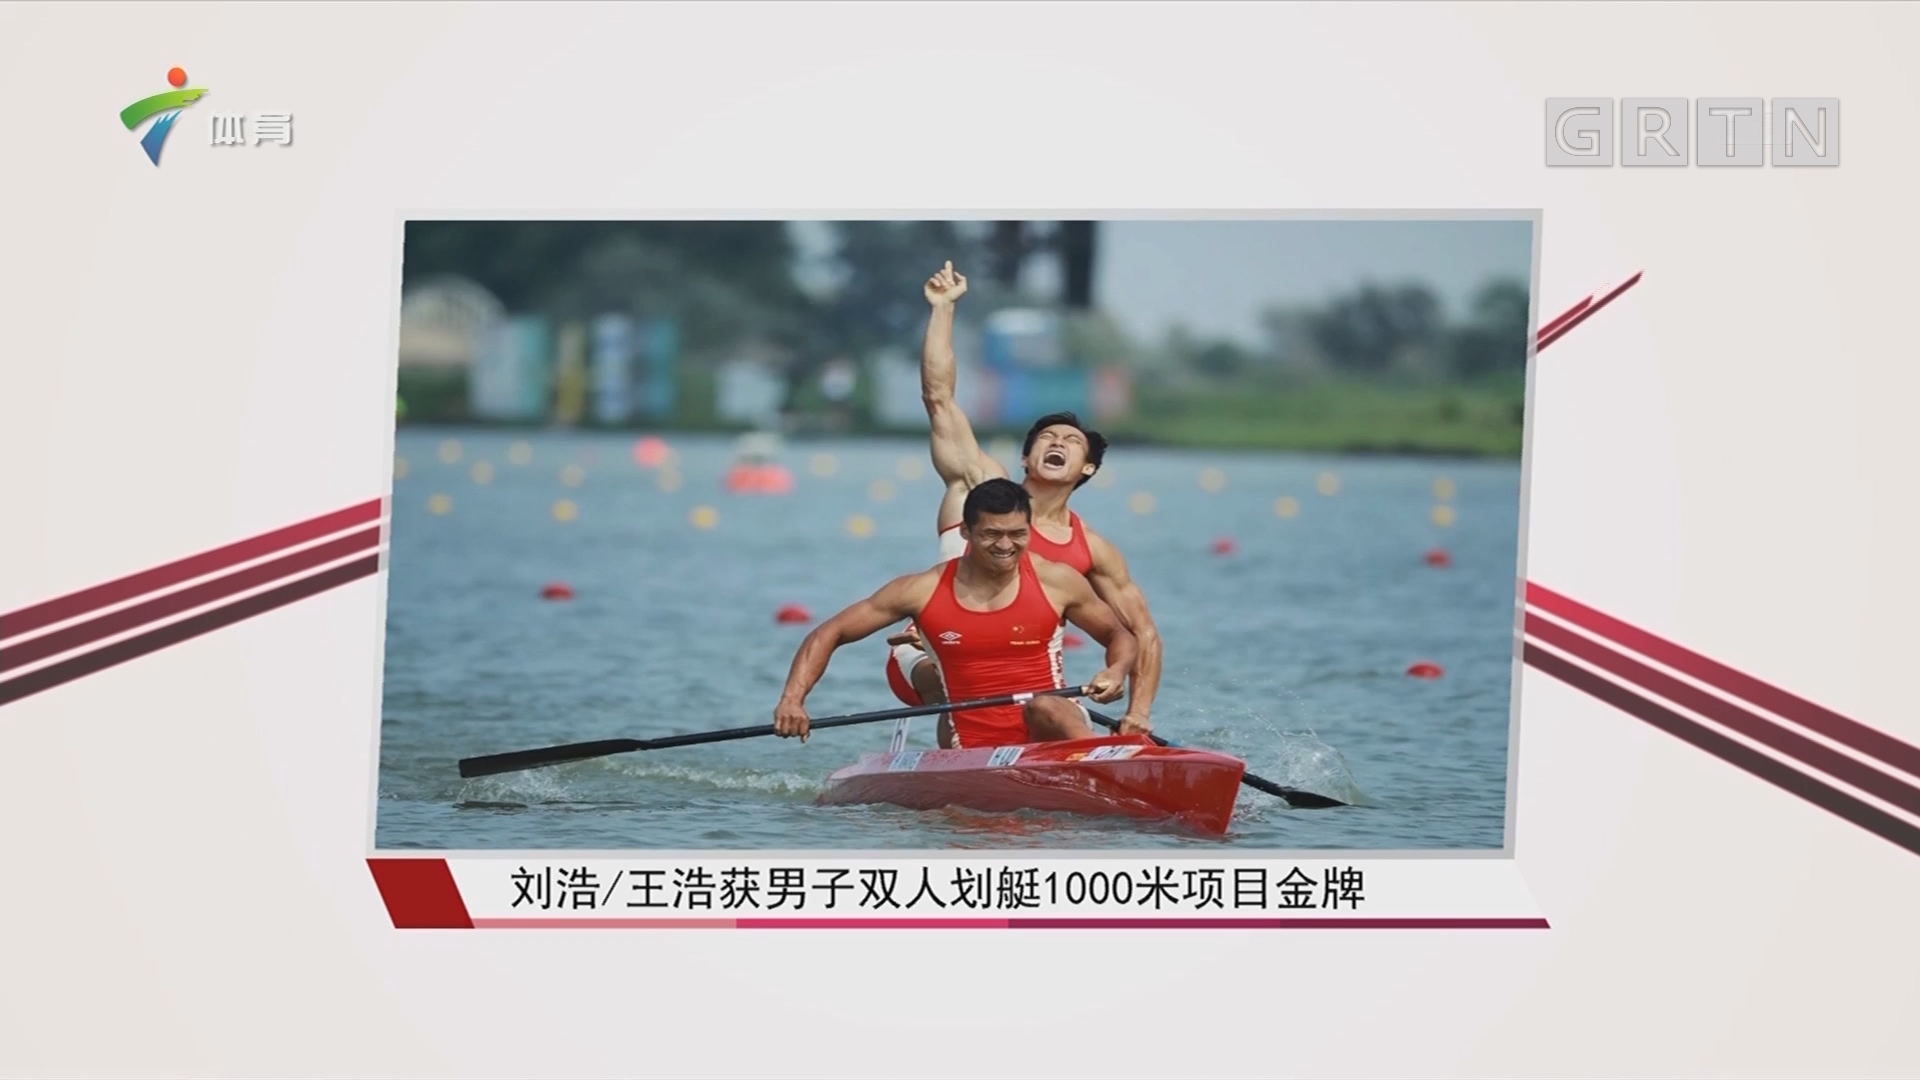 刘浩/王浩获男子双人划艇1000米项目金牌